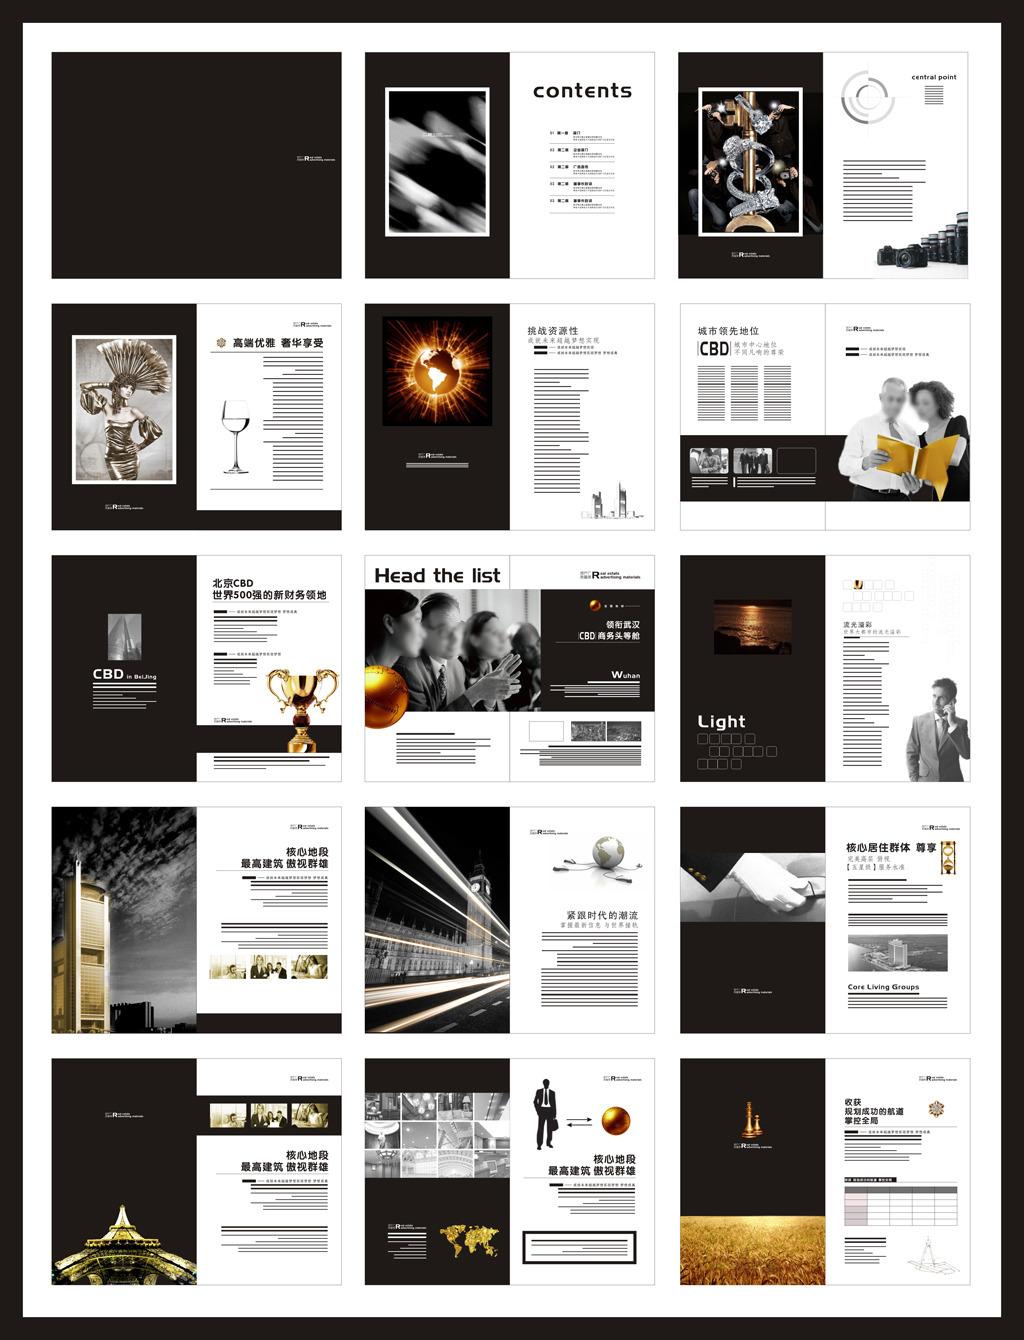 大气商务科技公司黑白画册创意宣传册模板下载图片